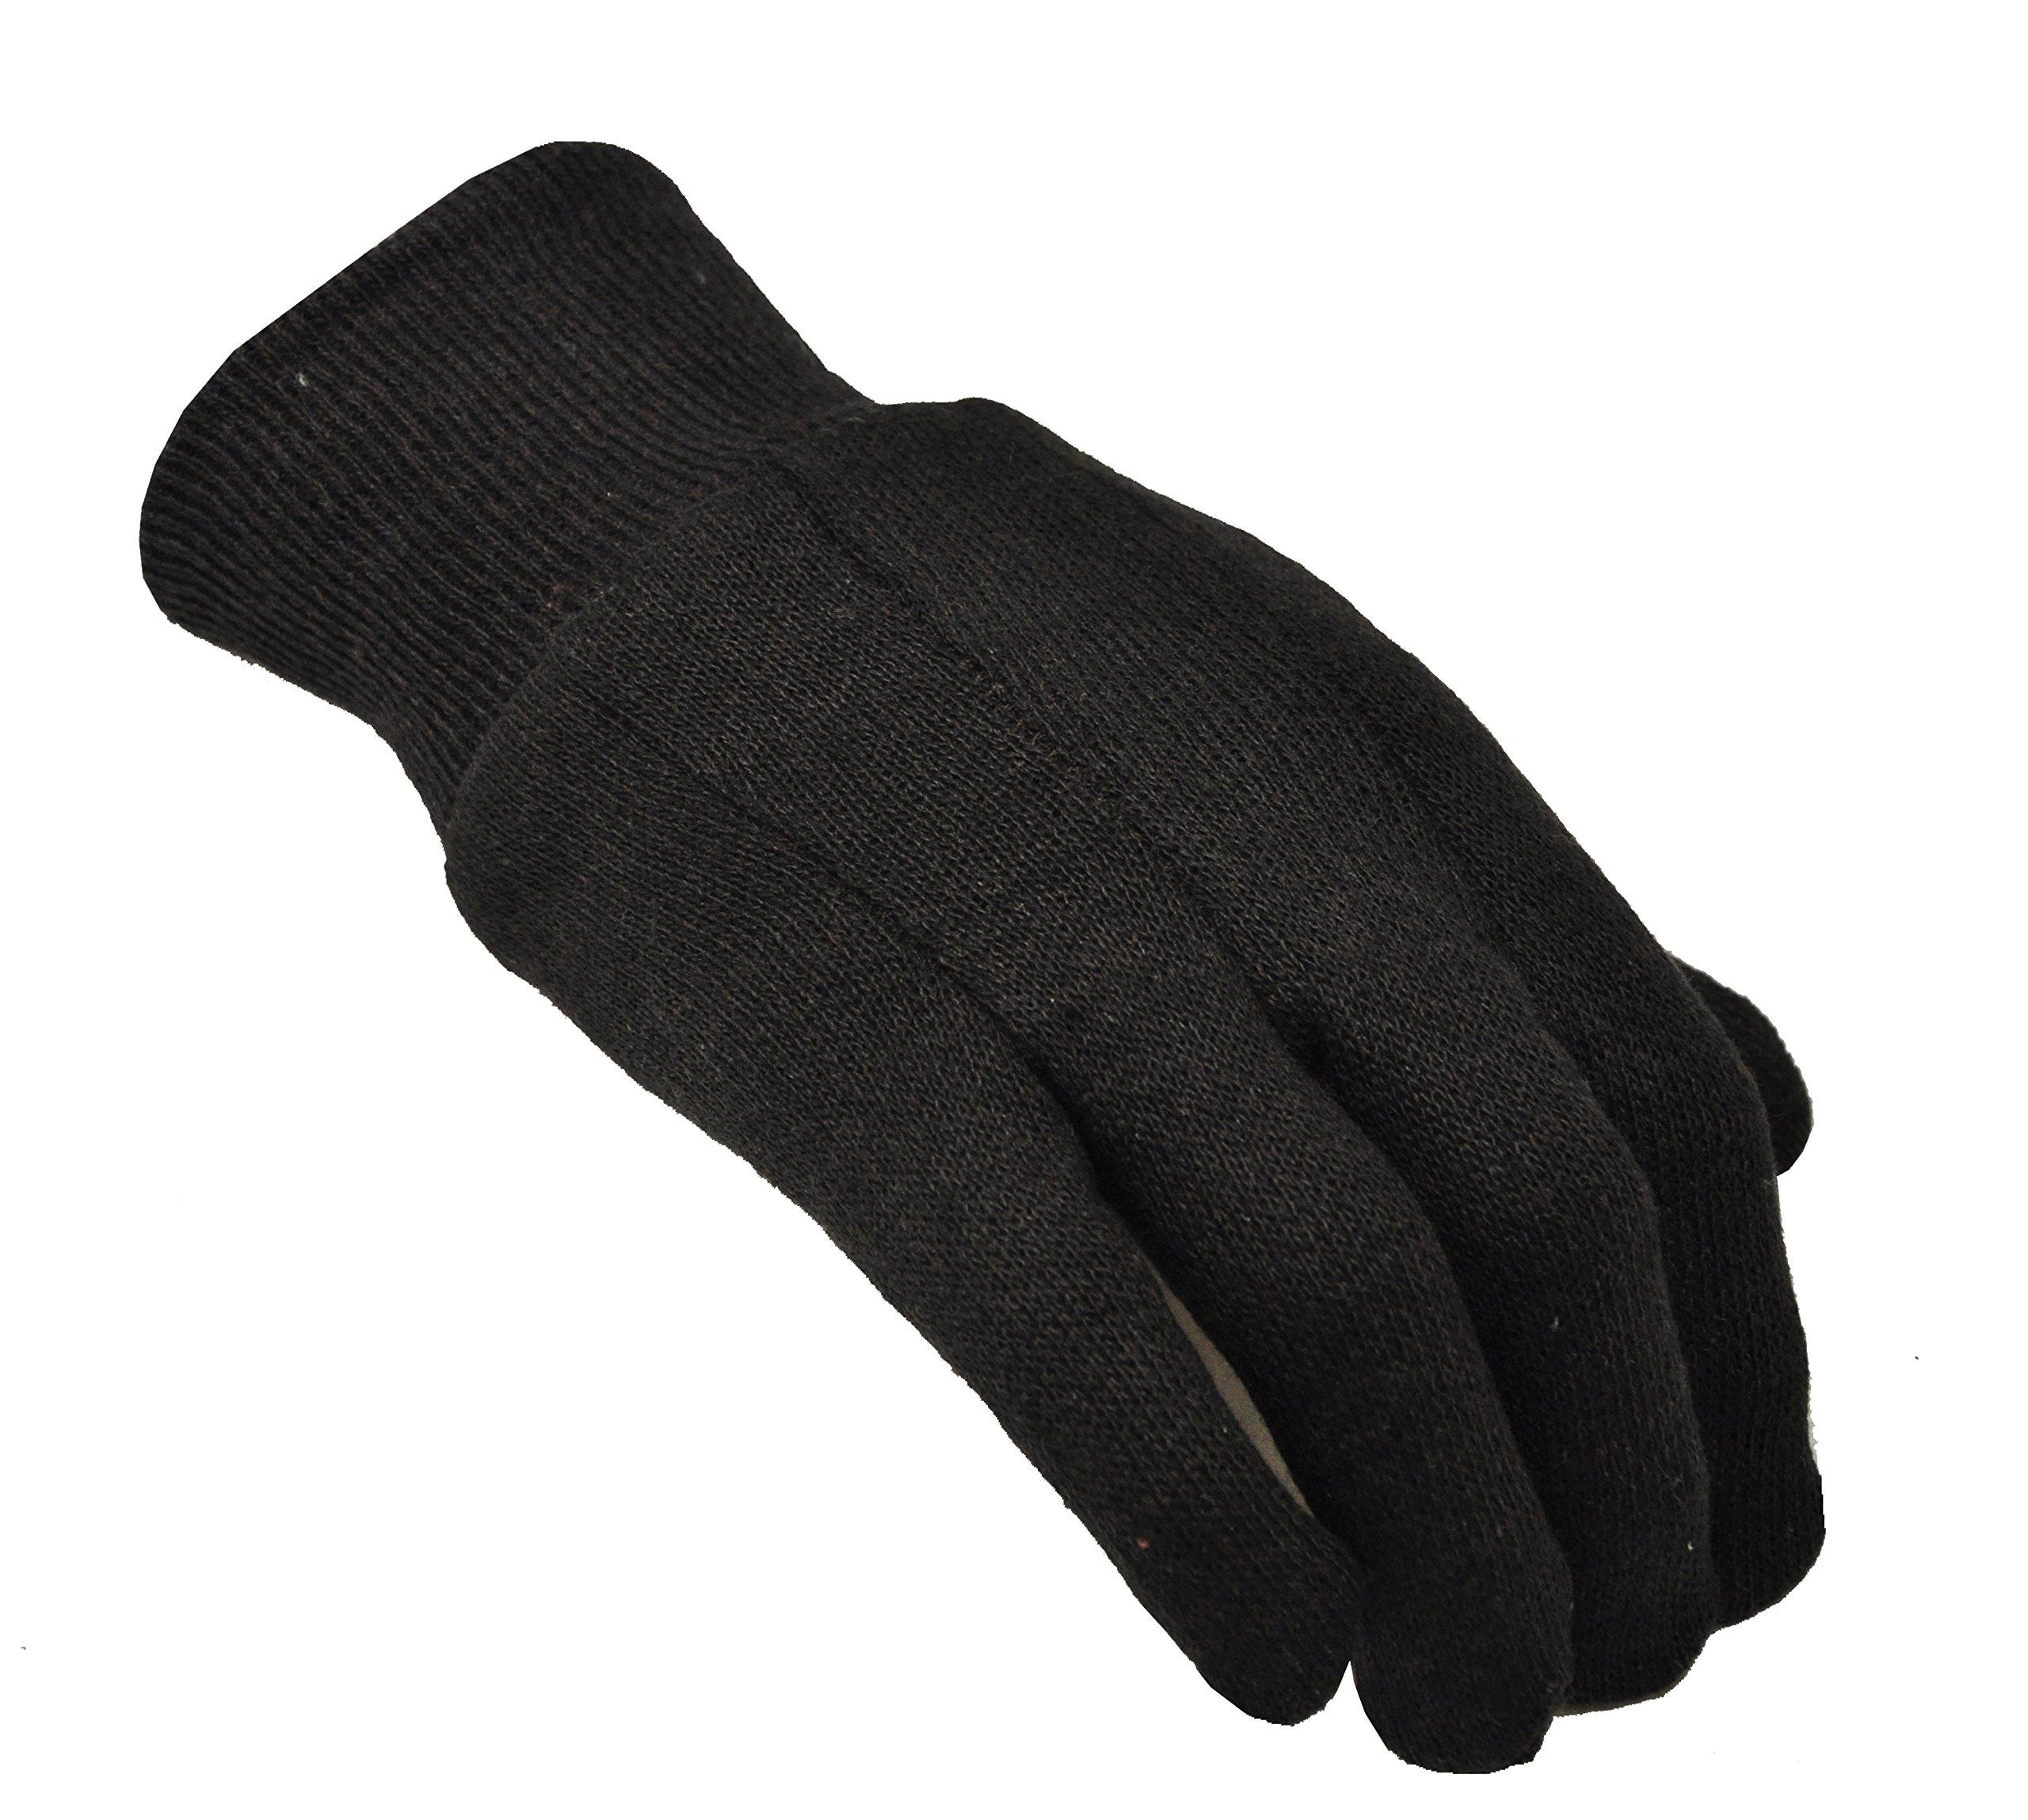 G & F 4408-25 Heavy Weight 9oz Cotton Brown Jersey Work Gloves, Large, 25-Dozen by G & F (Image #2)